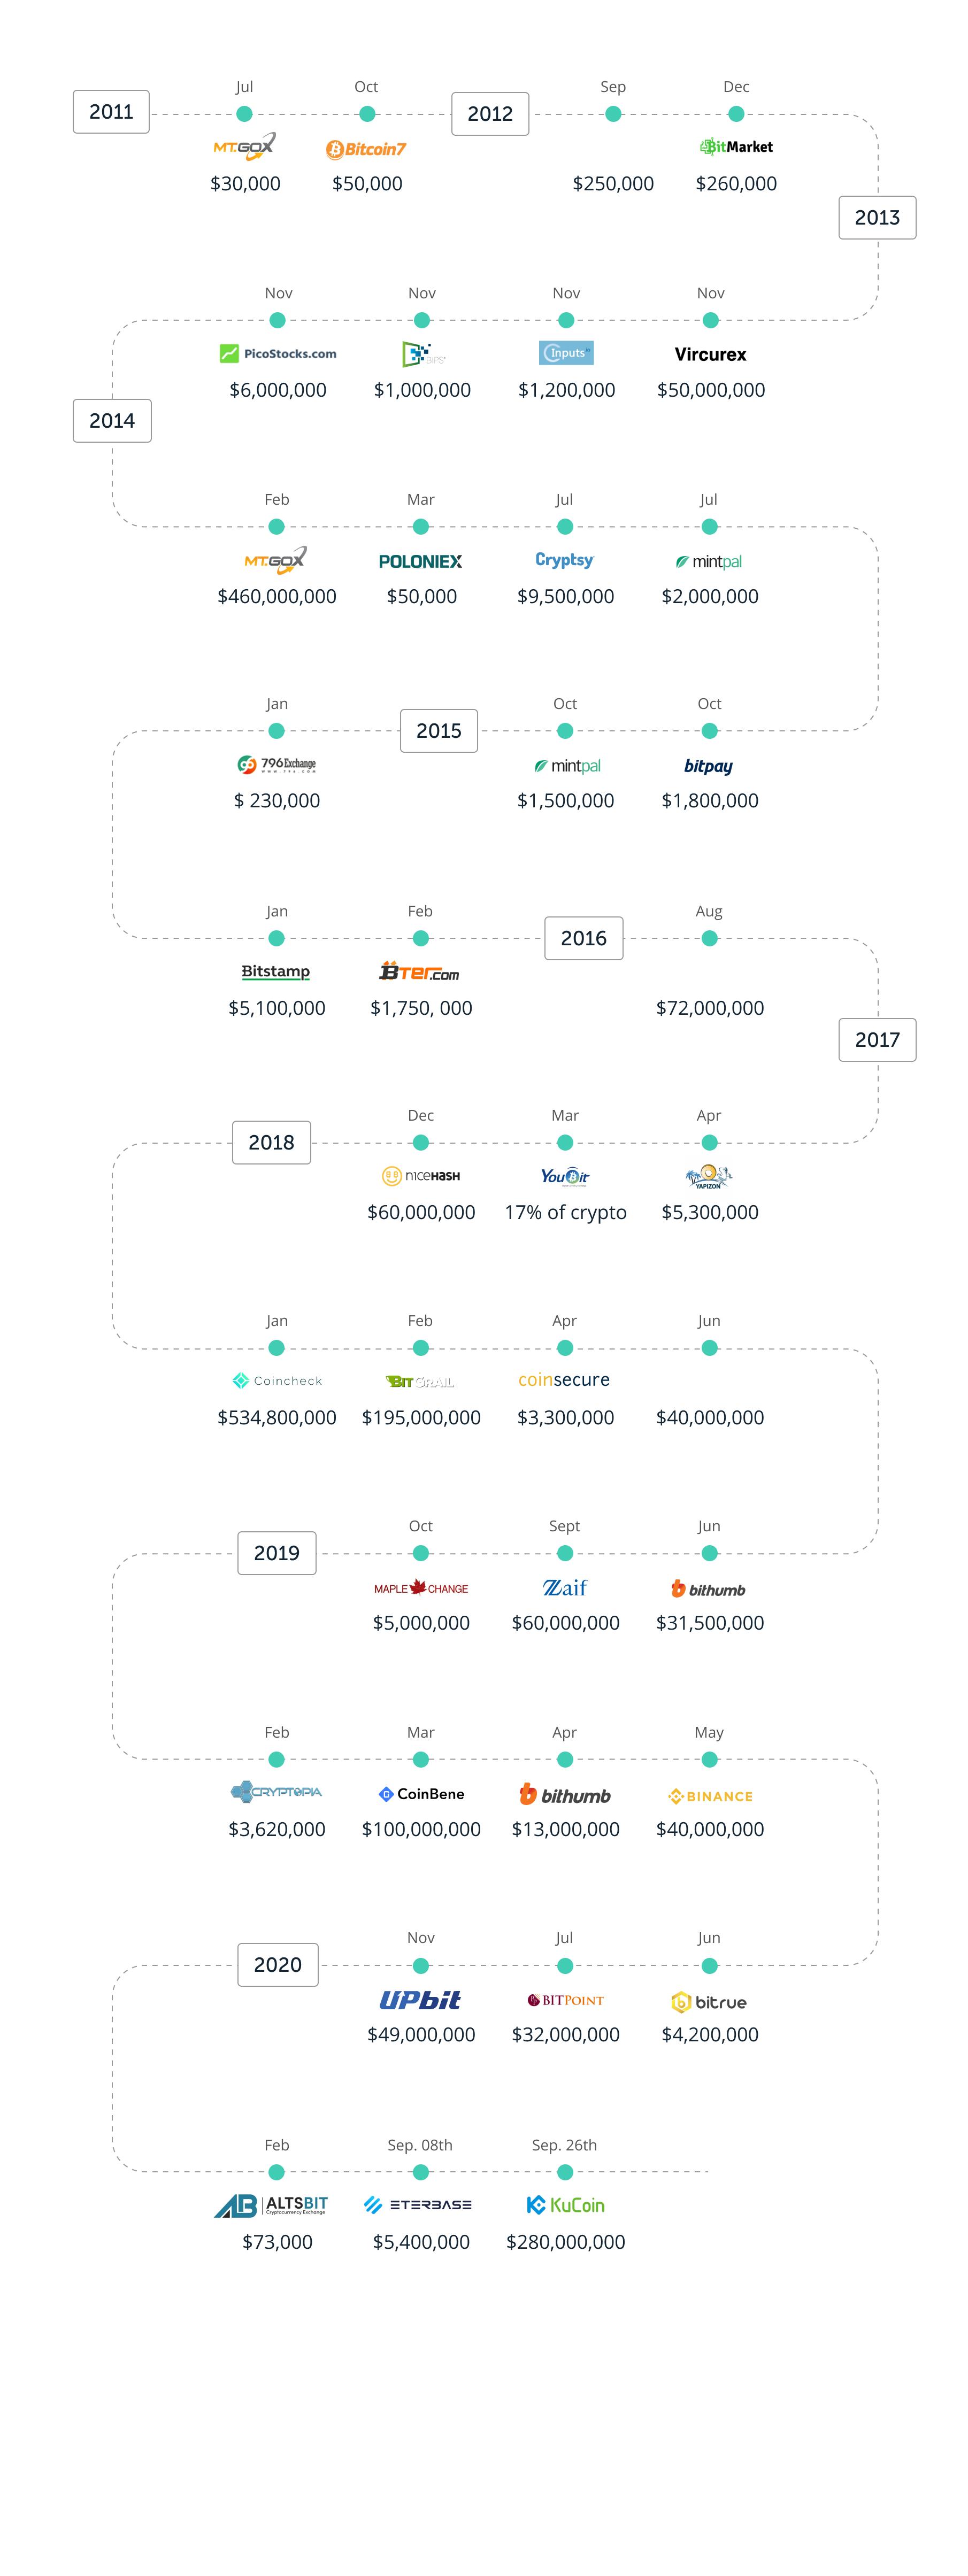 Hacks-timeline